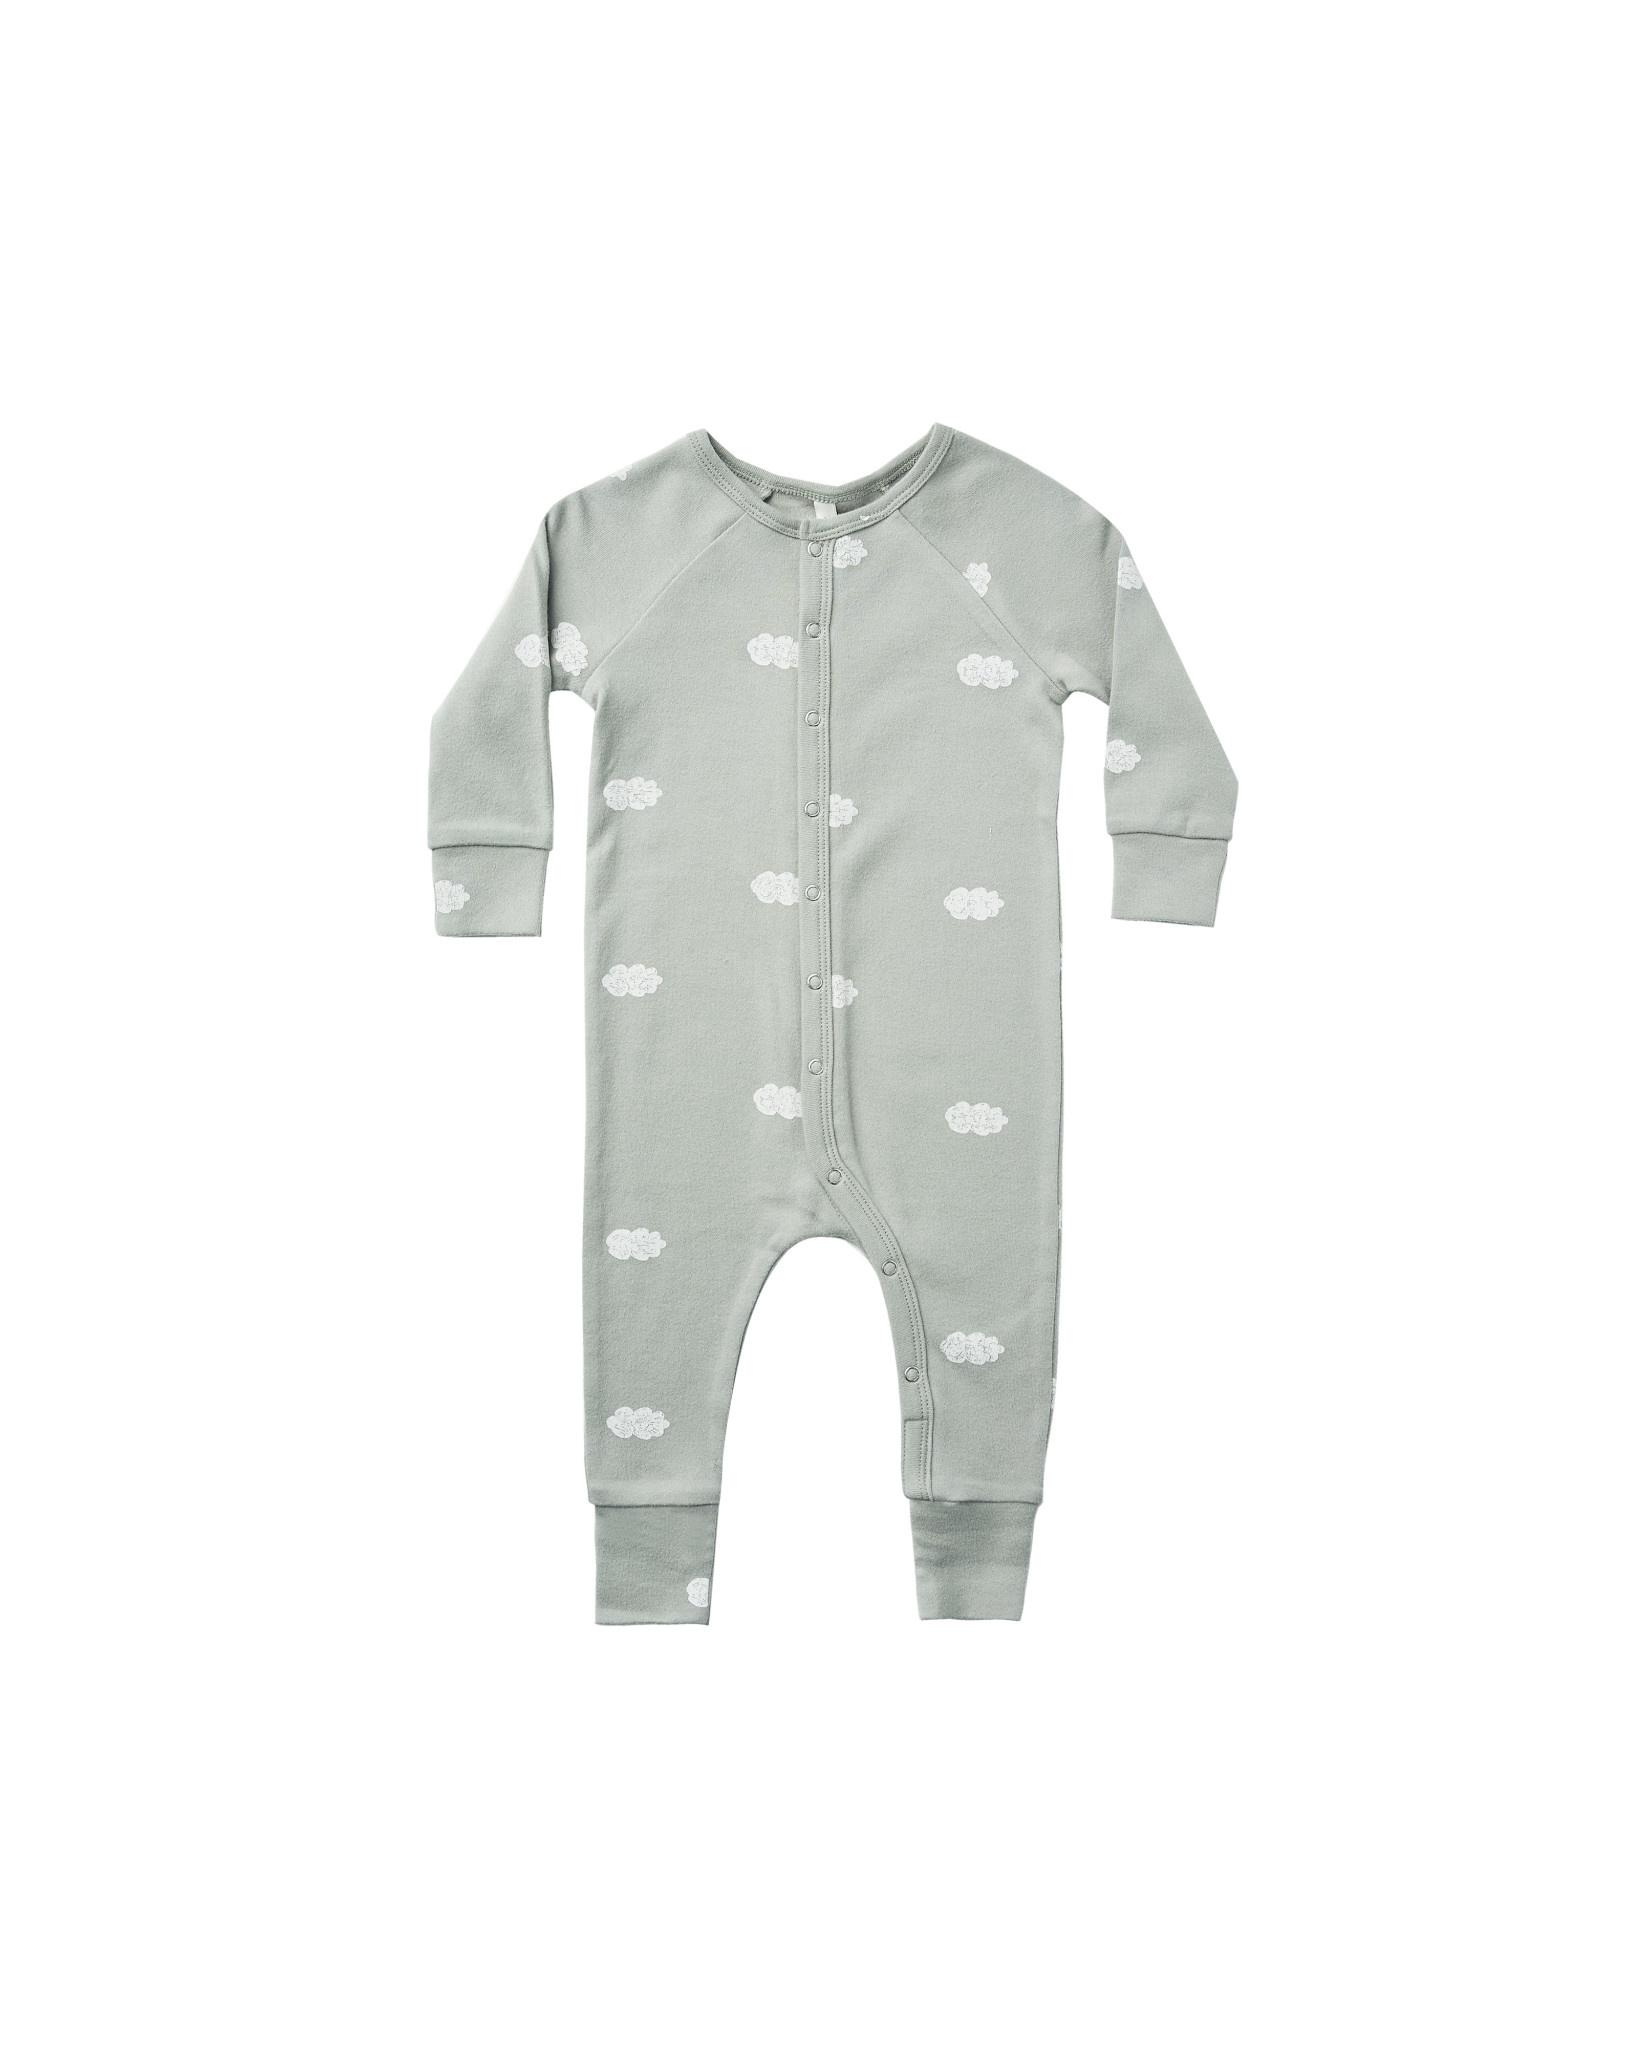 RYLEE AND CRU Clouds LongJohn Pajamas